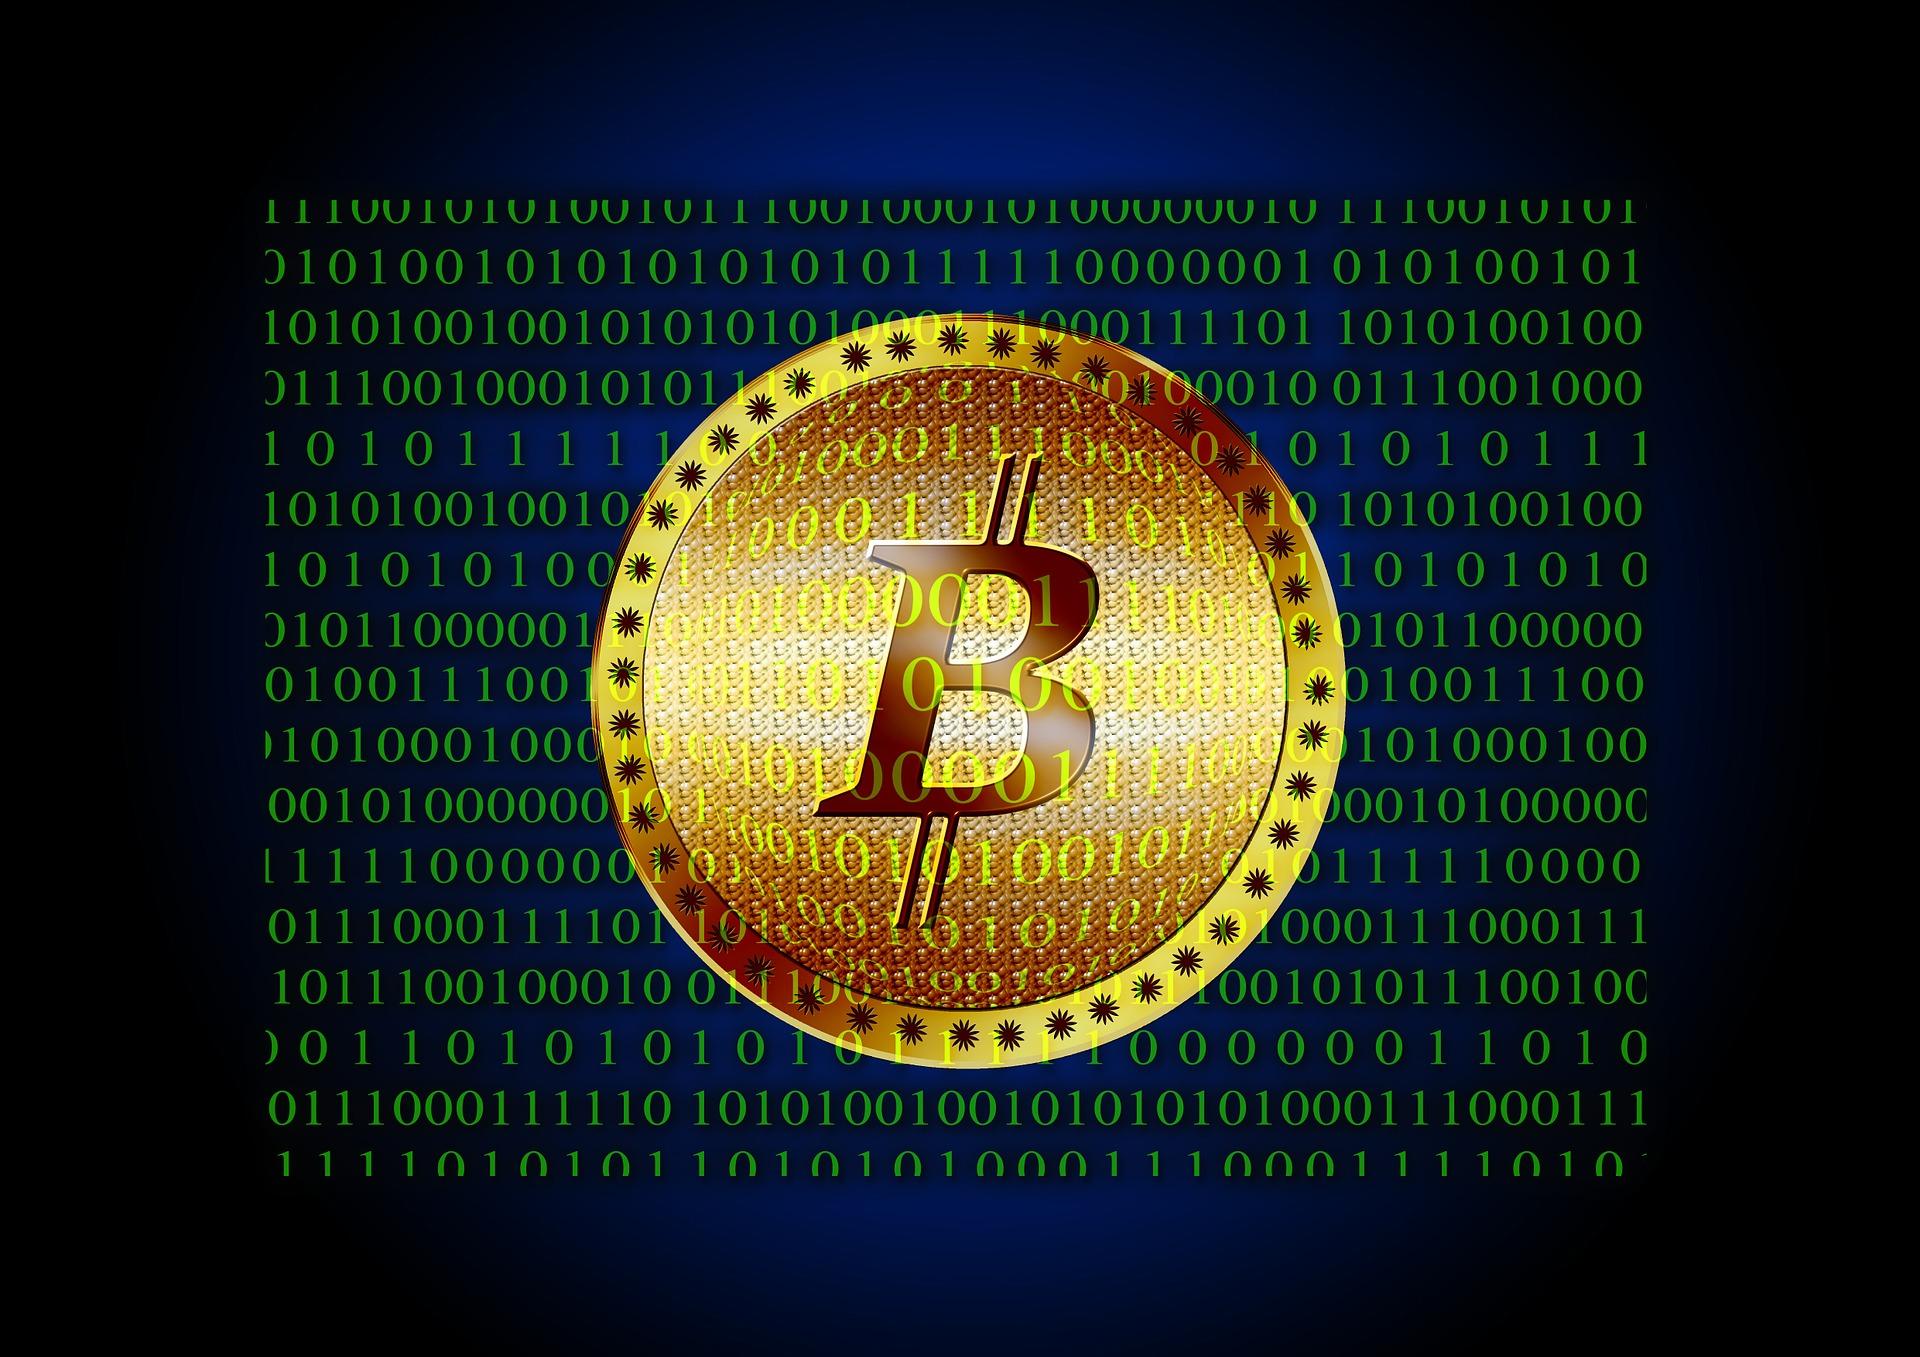 bitcoin-503581_1920